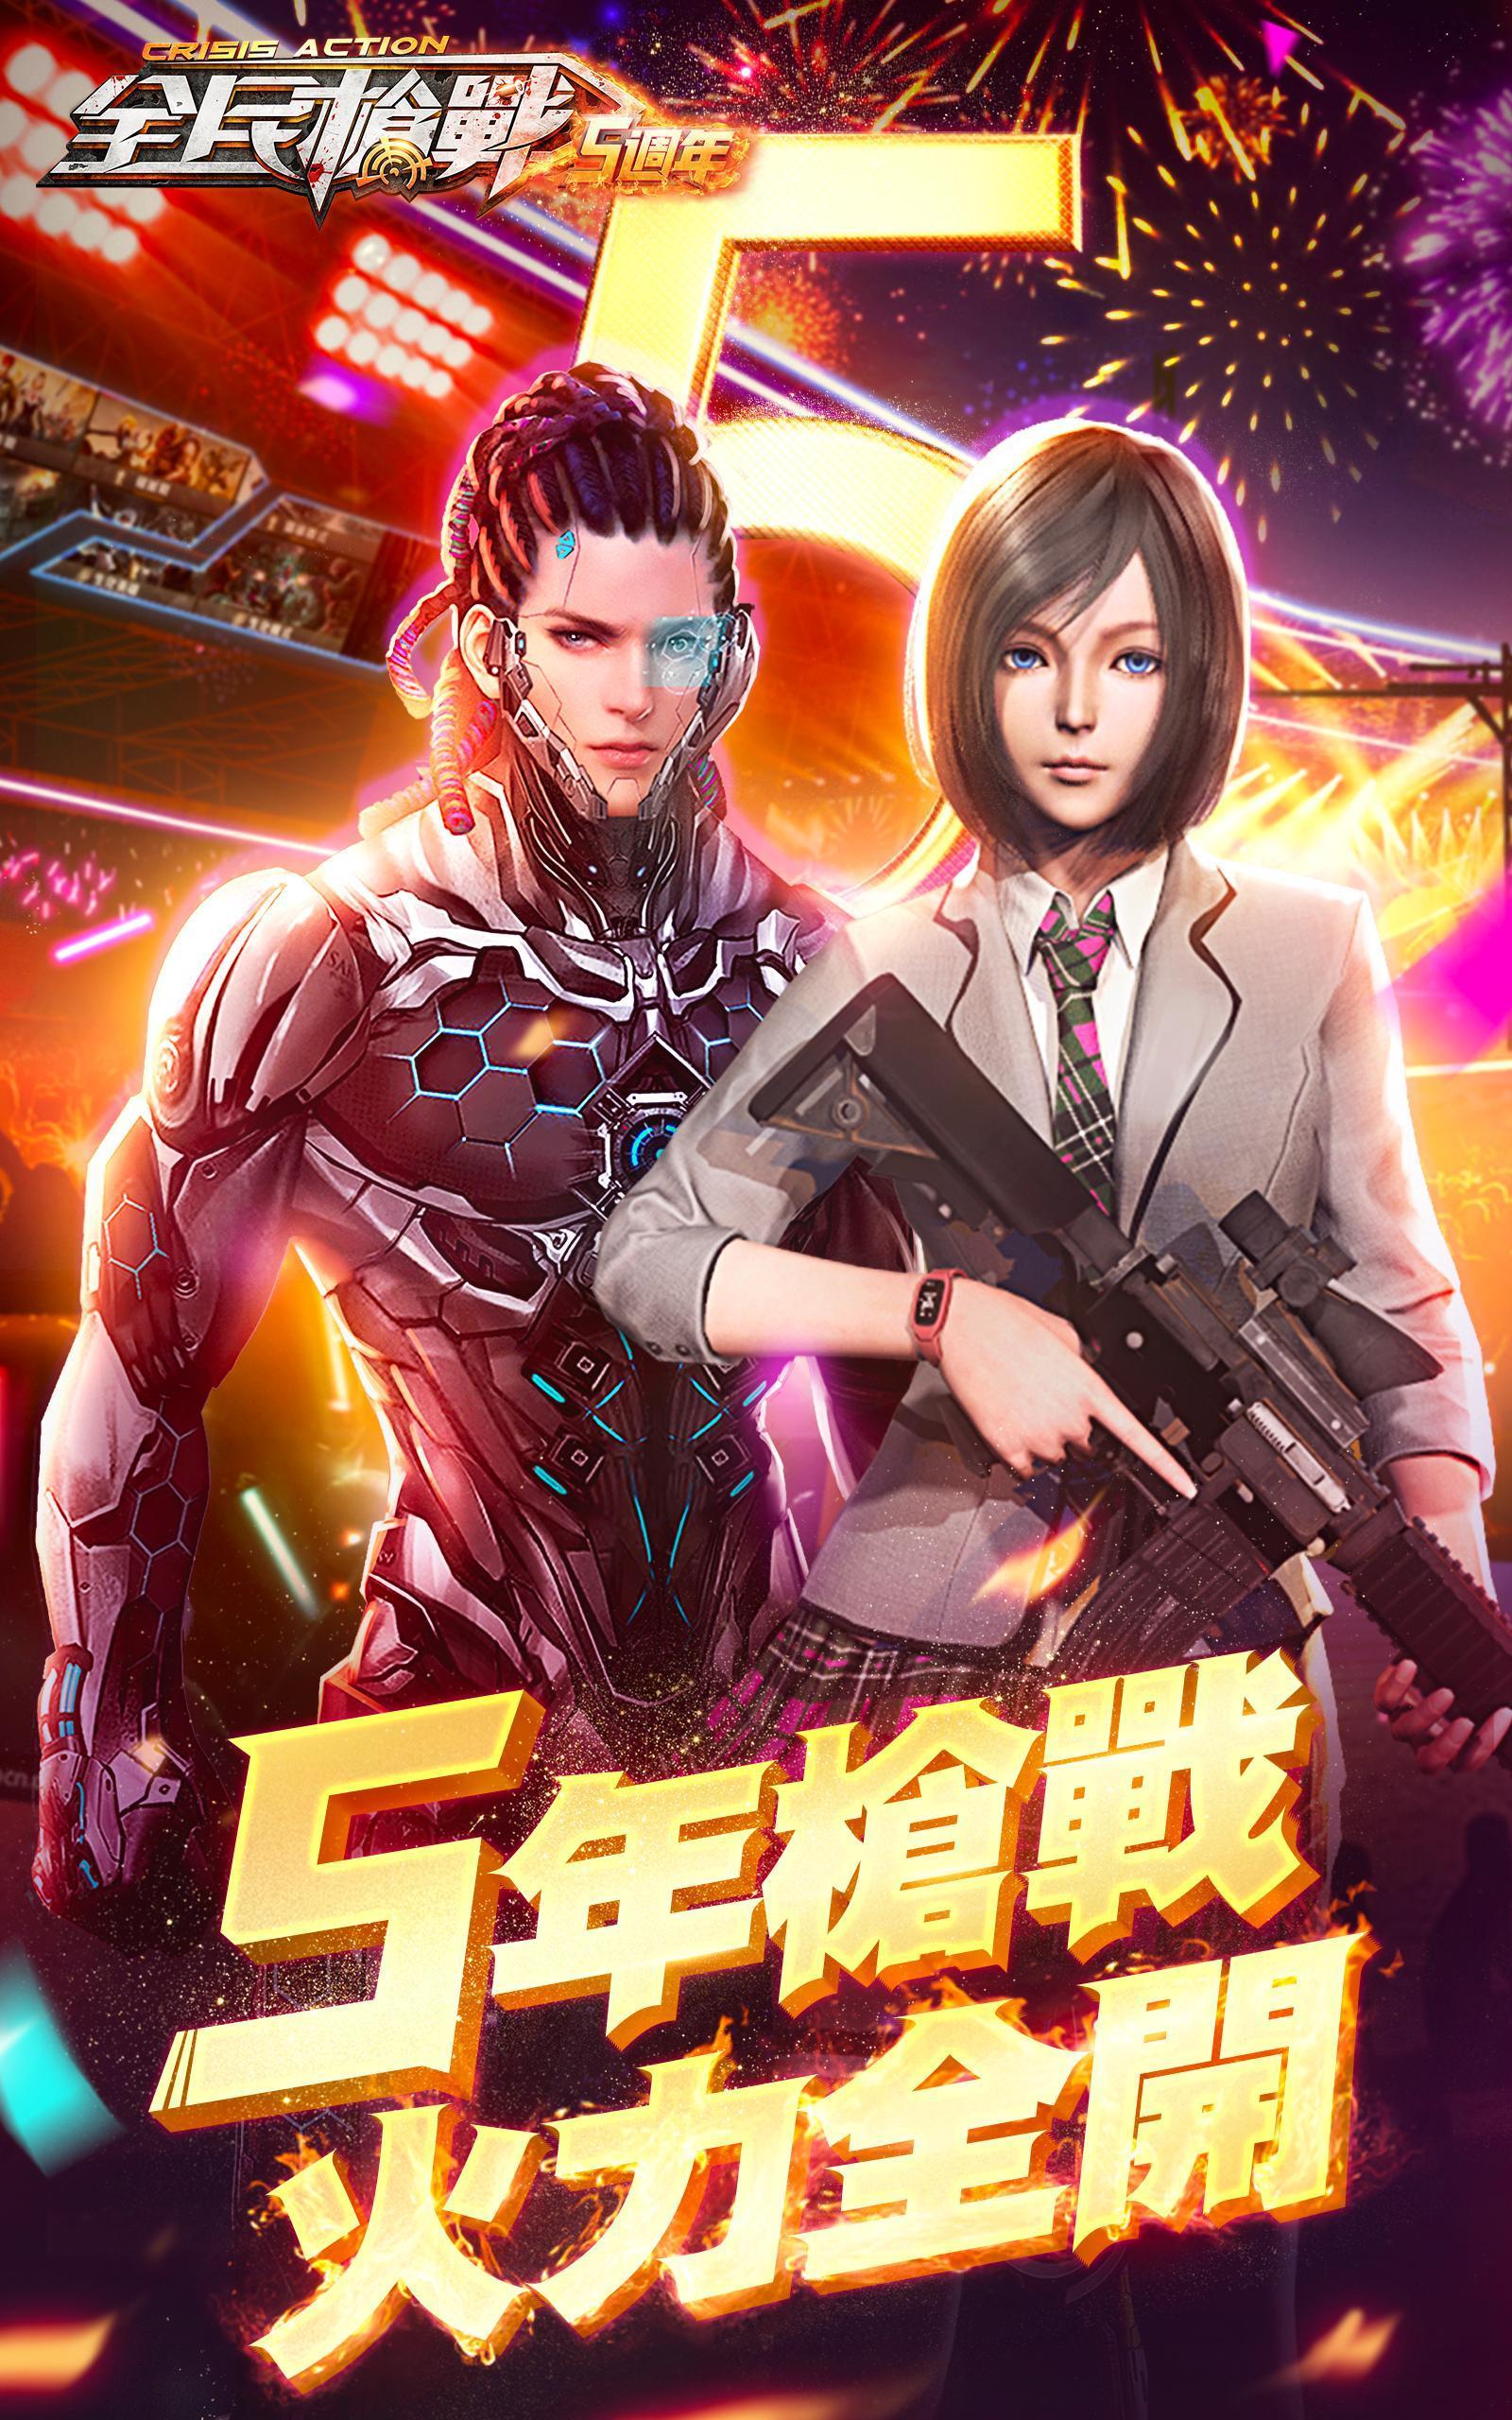 全民槍戰Crisis Action: No.1 FPS Game 3.10.03 Screenshot 11